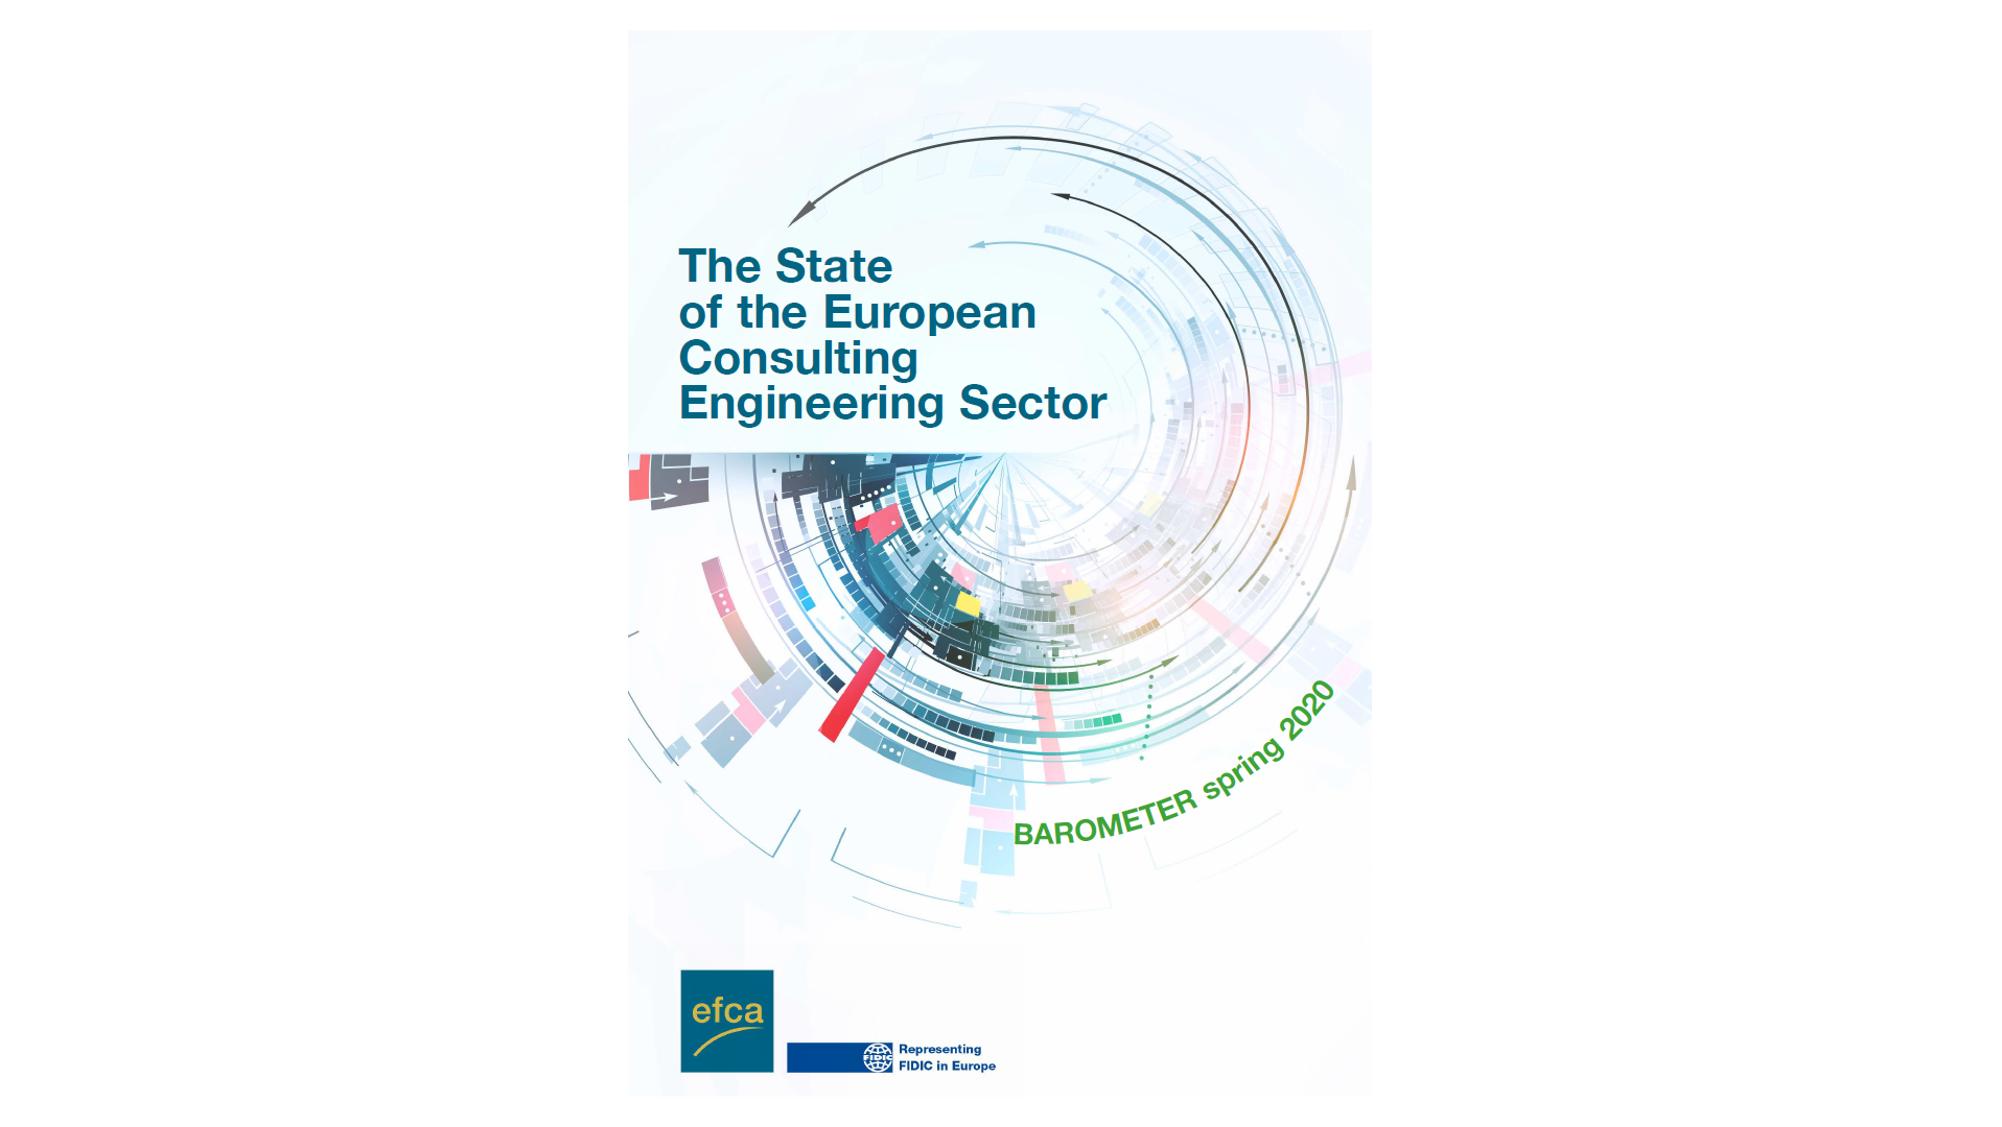 Les den siste EFCA-barometer rapporten